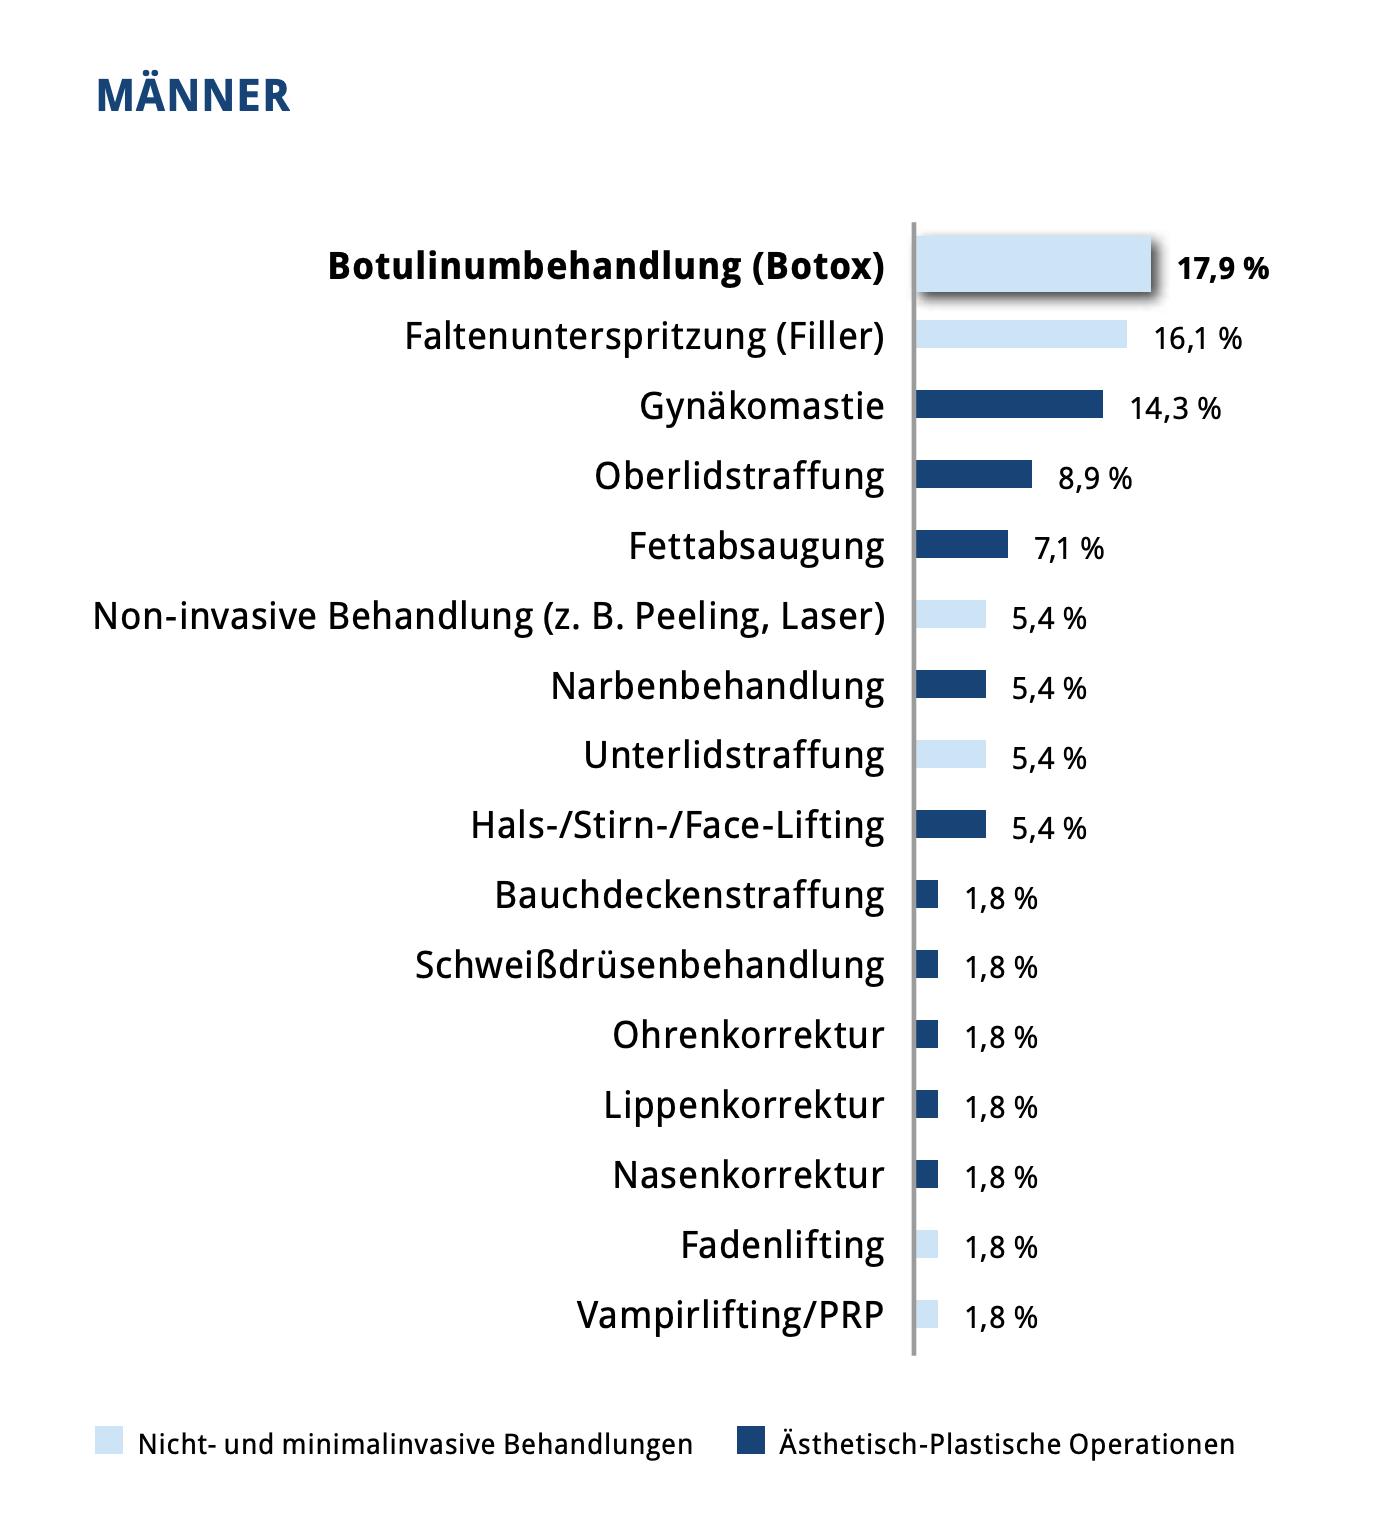 * Quelle: https://www.dgaepc.de/wp-content/uploads/2020/09/DGA%CC%88PC_Statistik-2019-2020_101120.pdf